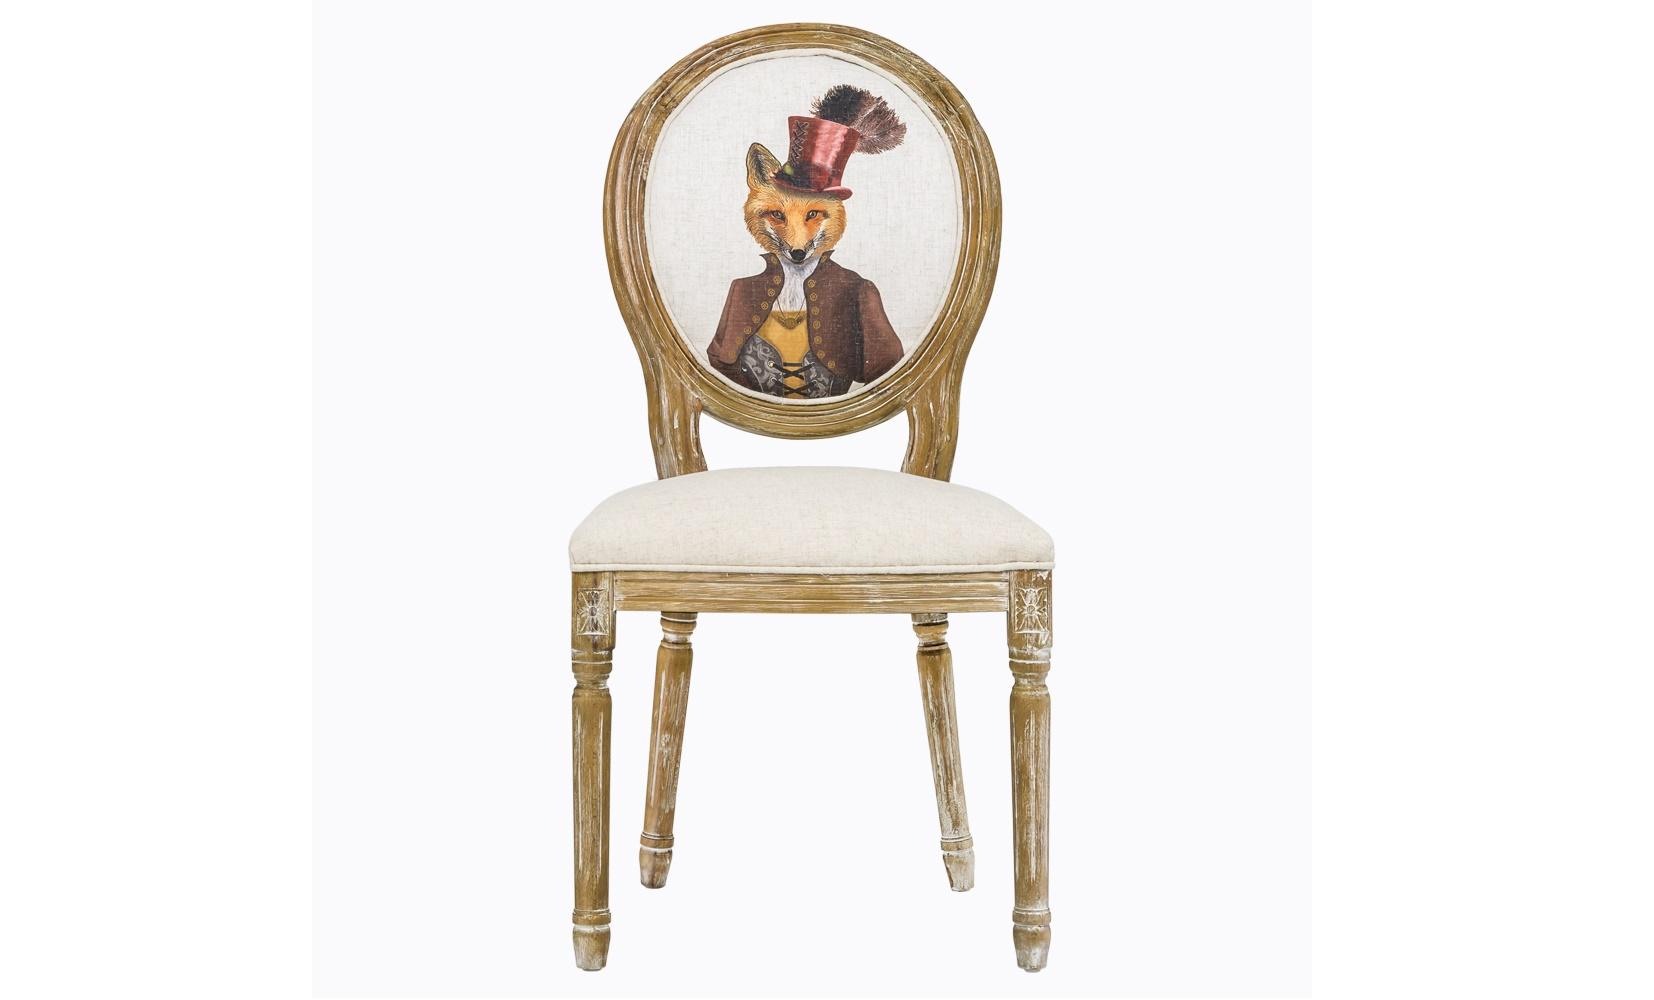 Стул «Мисс Лиса Лайт»Обеденные стулья<br>Чем хороша эклектика в интерьере, так это умением разбавить привычное необычным. Стул в лучших традициях французской мебели времен Луи-Филиппа украшен ярким современным принтом. Лисичка в дамском костюме для верховой езды – оригинально, не скучно, да и стилистически – точно в яблочко! Стул изготовлен из натурального массива бука и украшен резьбой вручную. Древесина выбелена и искусственно состарена. Ткань обивки с тефлоновым покрытием против пятен весьма практична.<br><br>Material: Текстиль<br>Length см: 50<br>Width см: 57<br>Height см: 98